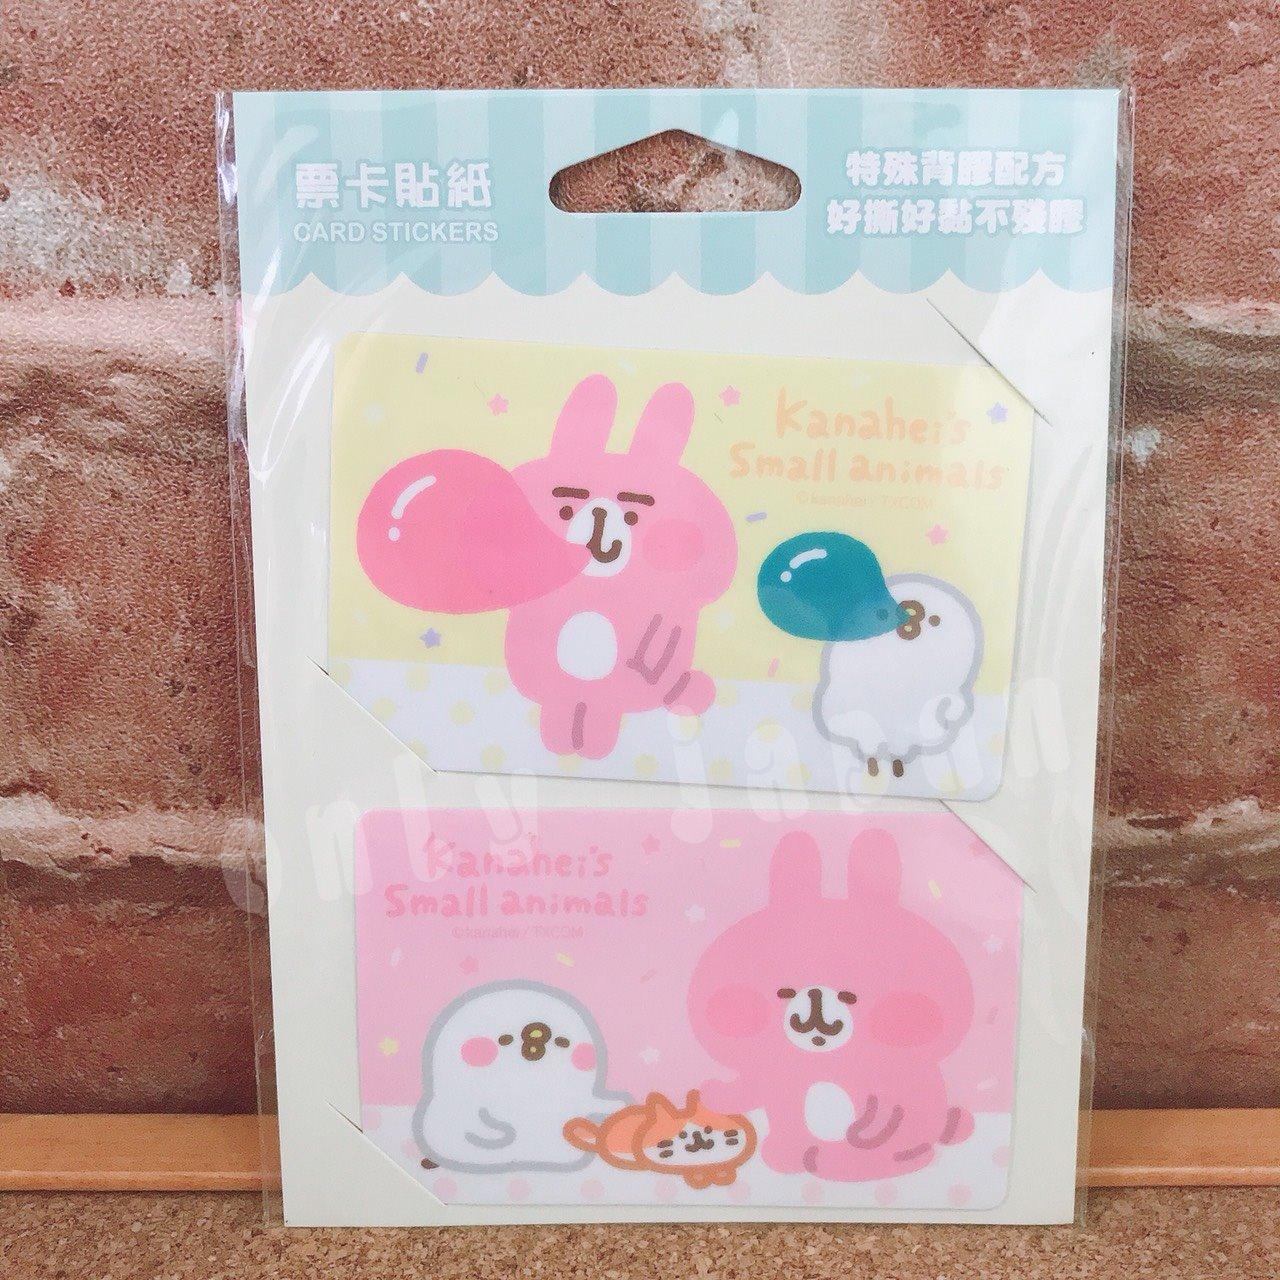 【真愛日本】18040300025 卡娜赫拉票卡貼-吹泡泡 卡娜赫拉的小動物 兔兔 P助 票卡貼紙 悠遊卡貼紙